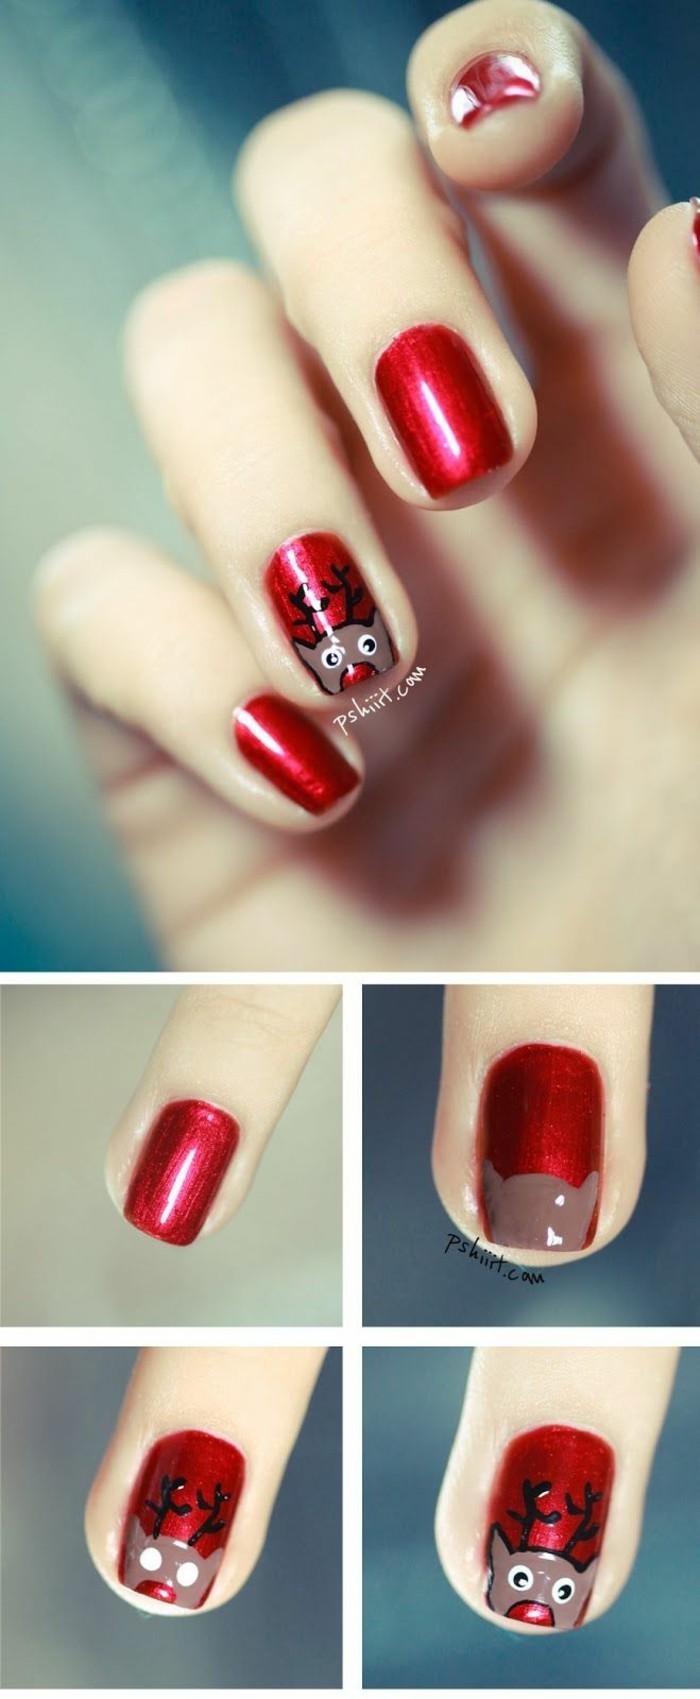 nageldesign ideen winter weihnachtliche fingernaegel rot